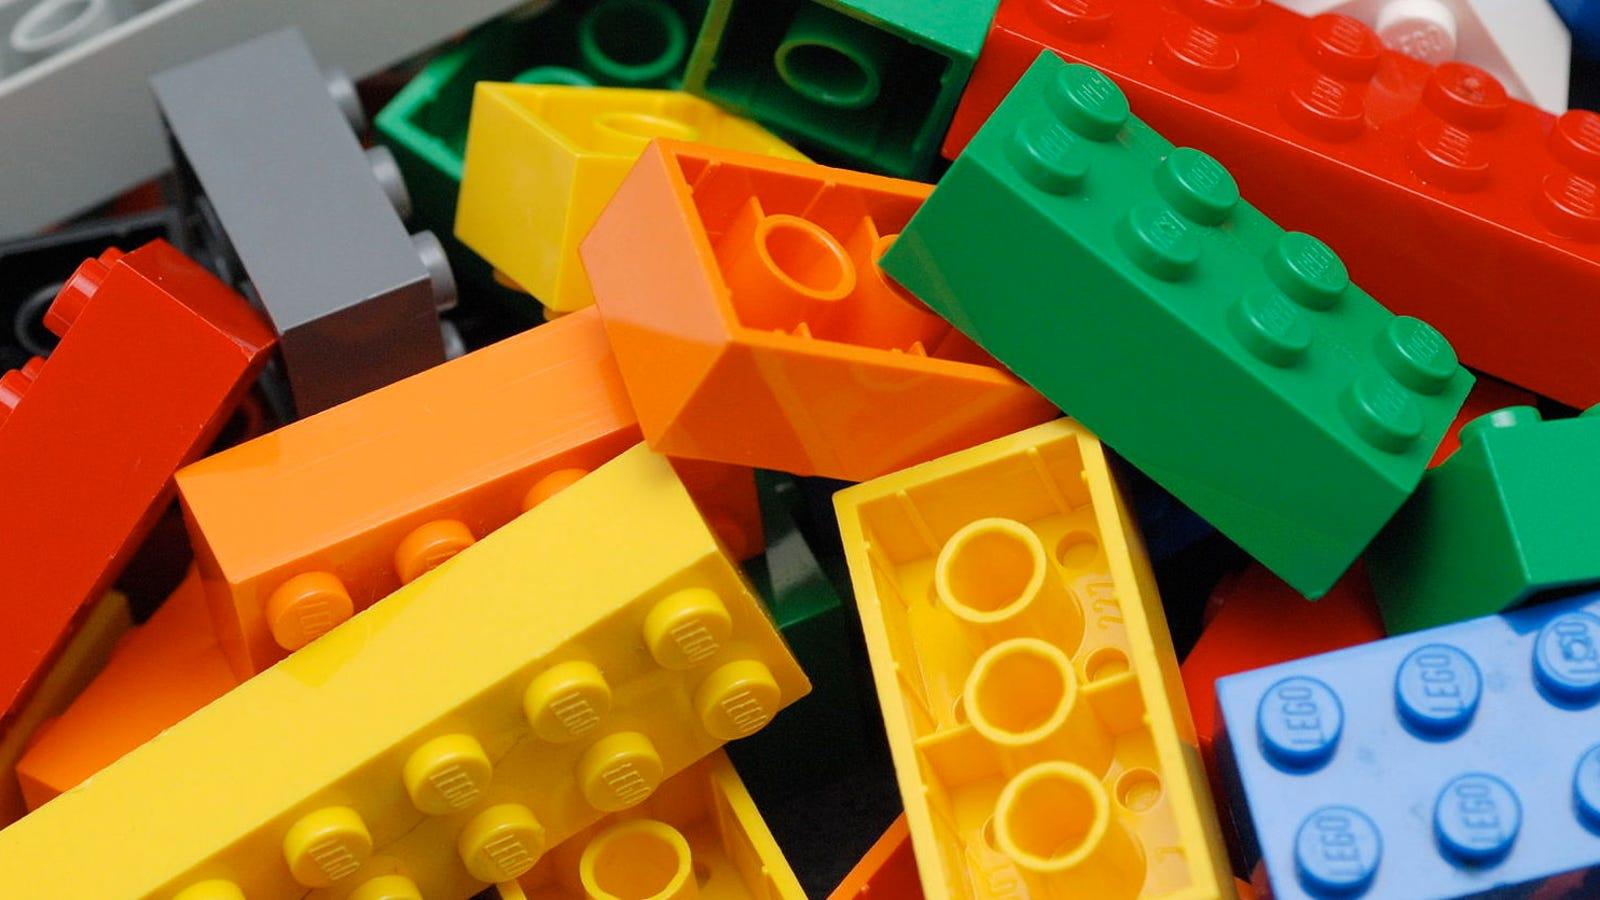 El número de combinaciones matemáticas que hay con solo 6 piezas de Lego te romperá la cabeza